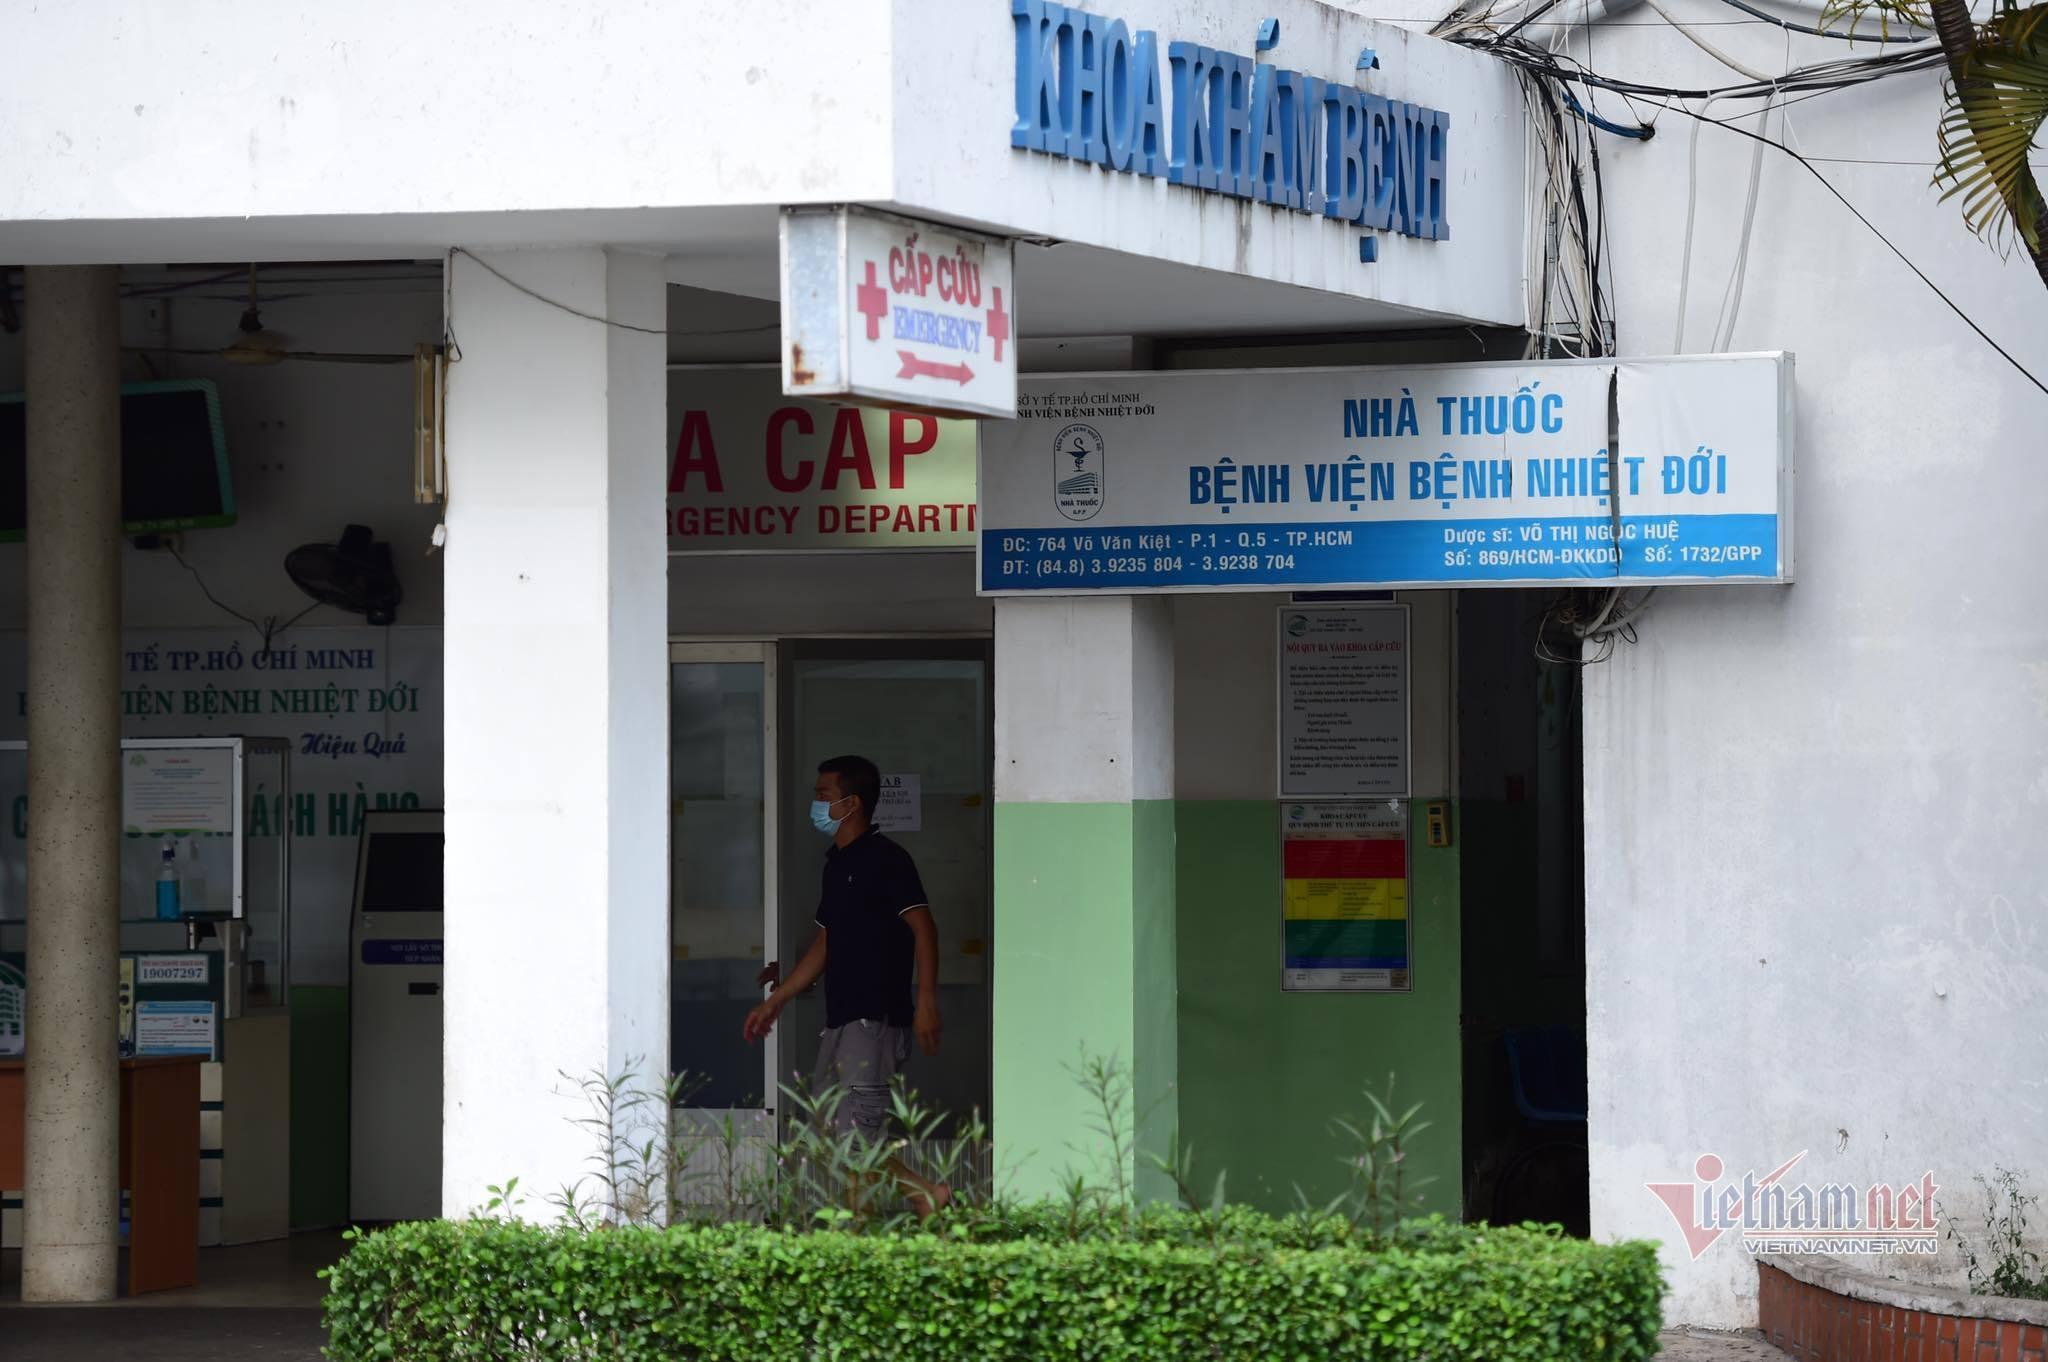 TP.HCM tạm thời phong tỏa Bệnh viện Bệnh nhiệt đới